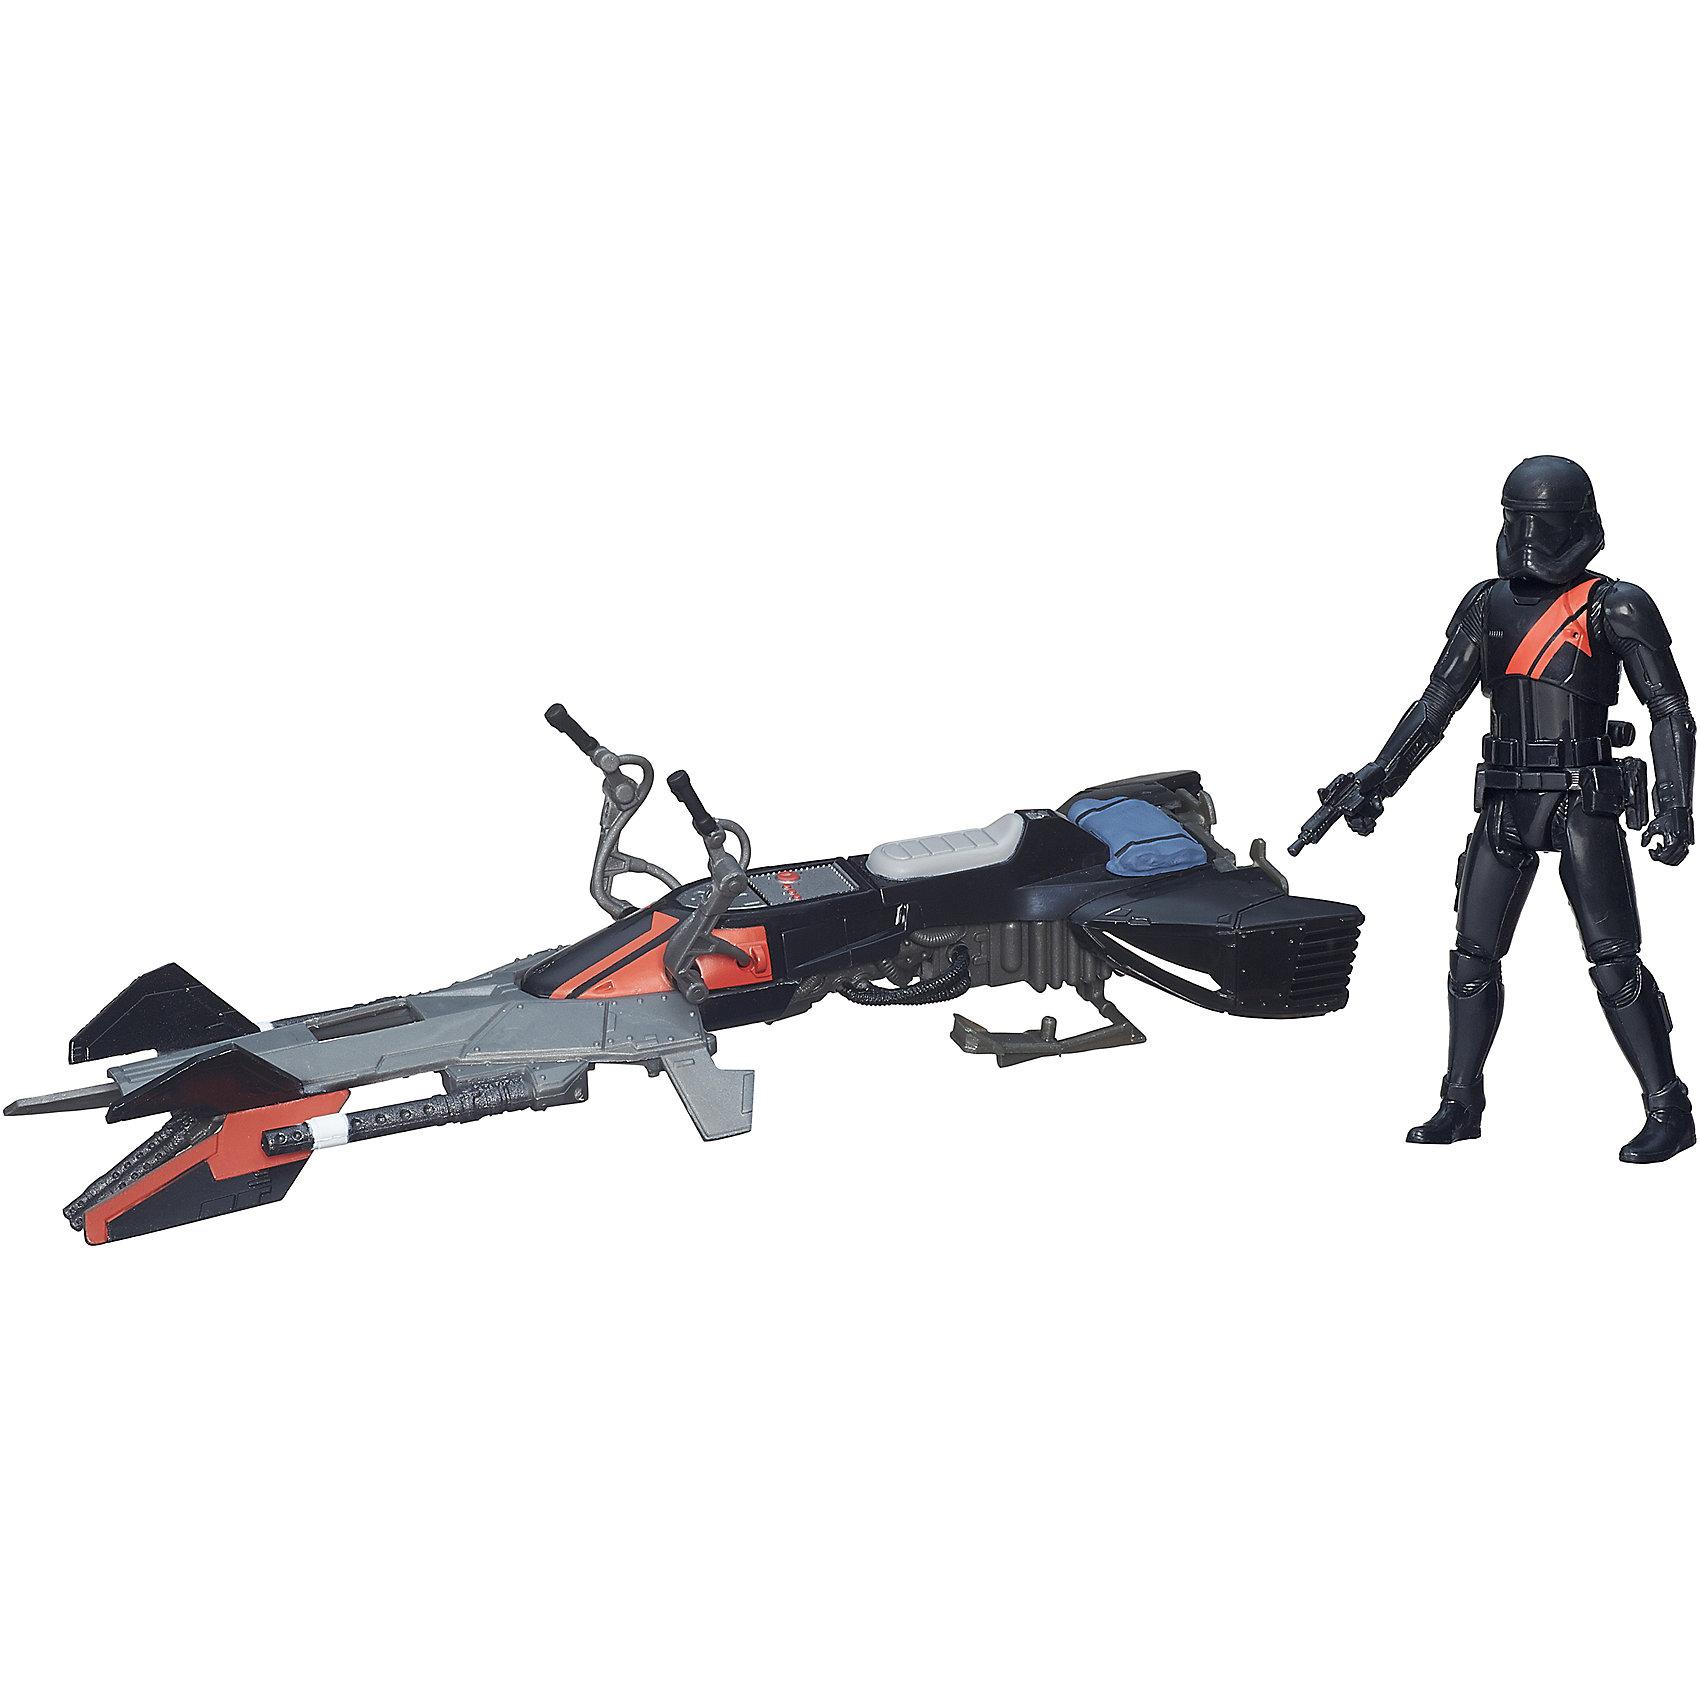 Космический корабль Класс I,  Звездные войны, B3718/B3716Этот набор приведет в восторг всех поклонников Star Wars. В него входит фигурка особого штурмовика в черной броне с элитным спидербайком, скоростным средством передвижения, использующимся для разведки. Игрушка выполнена из высококачественного пластика, прекрасно детализирована, безопасна для детей. Собери все фигурки серии, открой для себя захватывающие истории борьбы добра со злом в галактике космических кораблей и машин!<br><br>Дополнительная информация:<br><br>- Комплектация: фигурка, спидербайк, аксессуары.<br>- Материал: пластик.<br>- Голова, руки, ноги фигурки подвижные. <br>- Размер фигурки: 9,5 см.<br>- Размер упаковки: 29,7,5х22 см. <br><br>Набор Космический корабль Класс I,  Звездные войны (Star Wars) можно купить в нашем магазине.<br><br>Ширина мм: 83<br>Глубина мм: 294<br>Высота мм: 228<br>Вес г: 261<br>Возраст от месяцев: 36<br>Возраст до месяцев: 192<br>Пол: Мужской<br>Возраст: Детский<br>SKU: 4563912